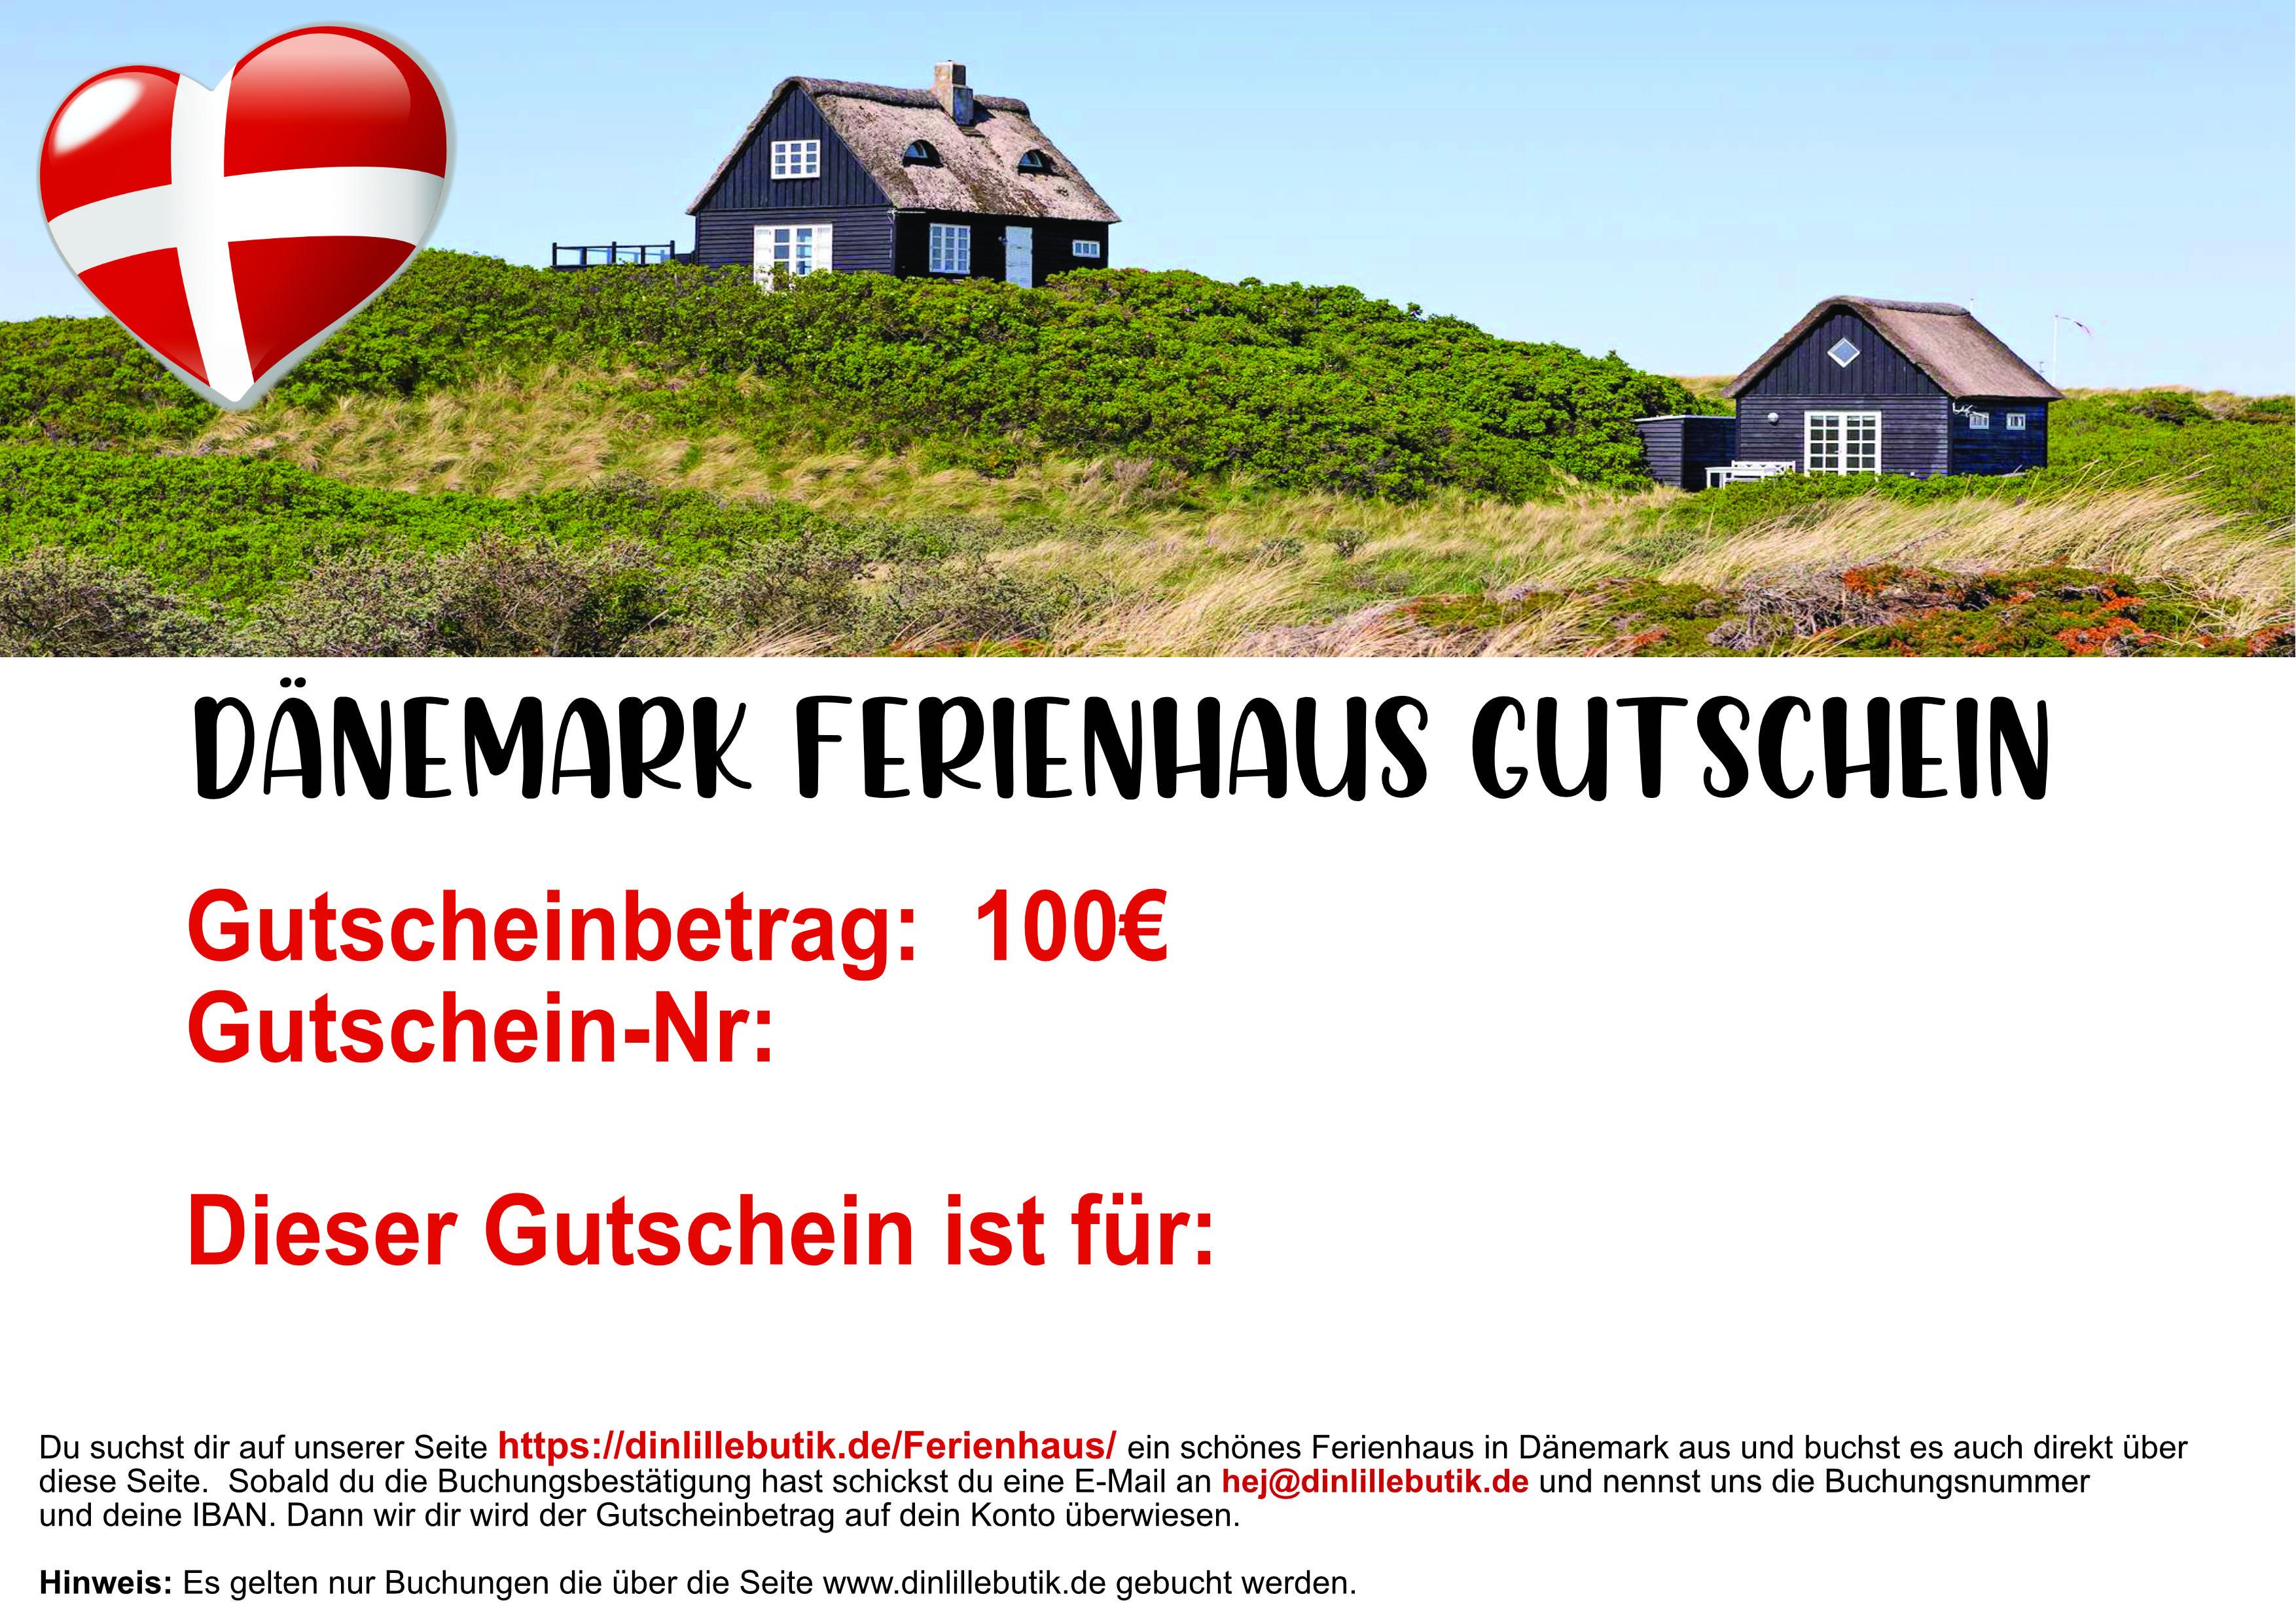 Dänemark Ferienhausgutschein 100 Euro